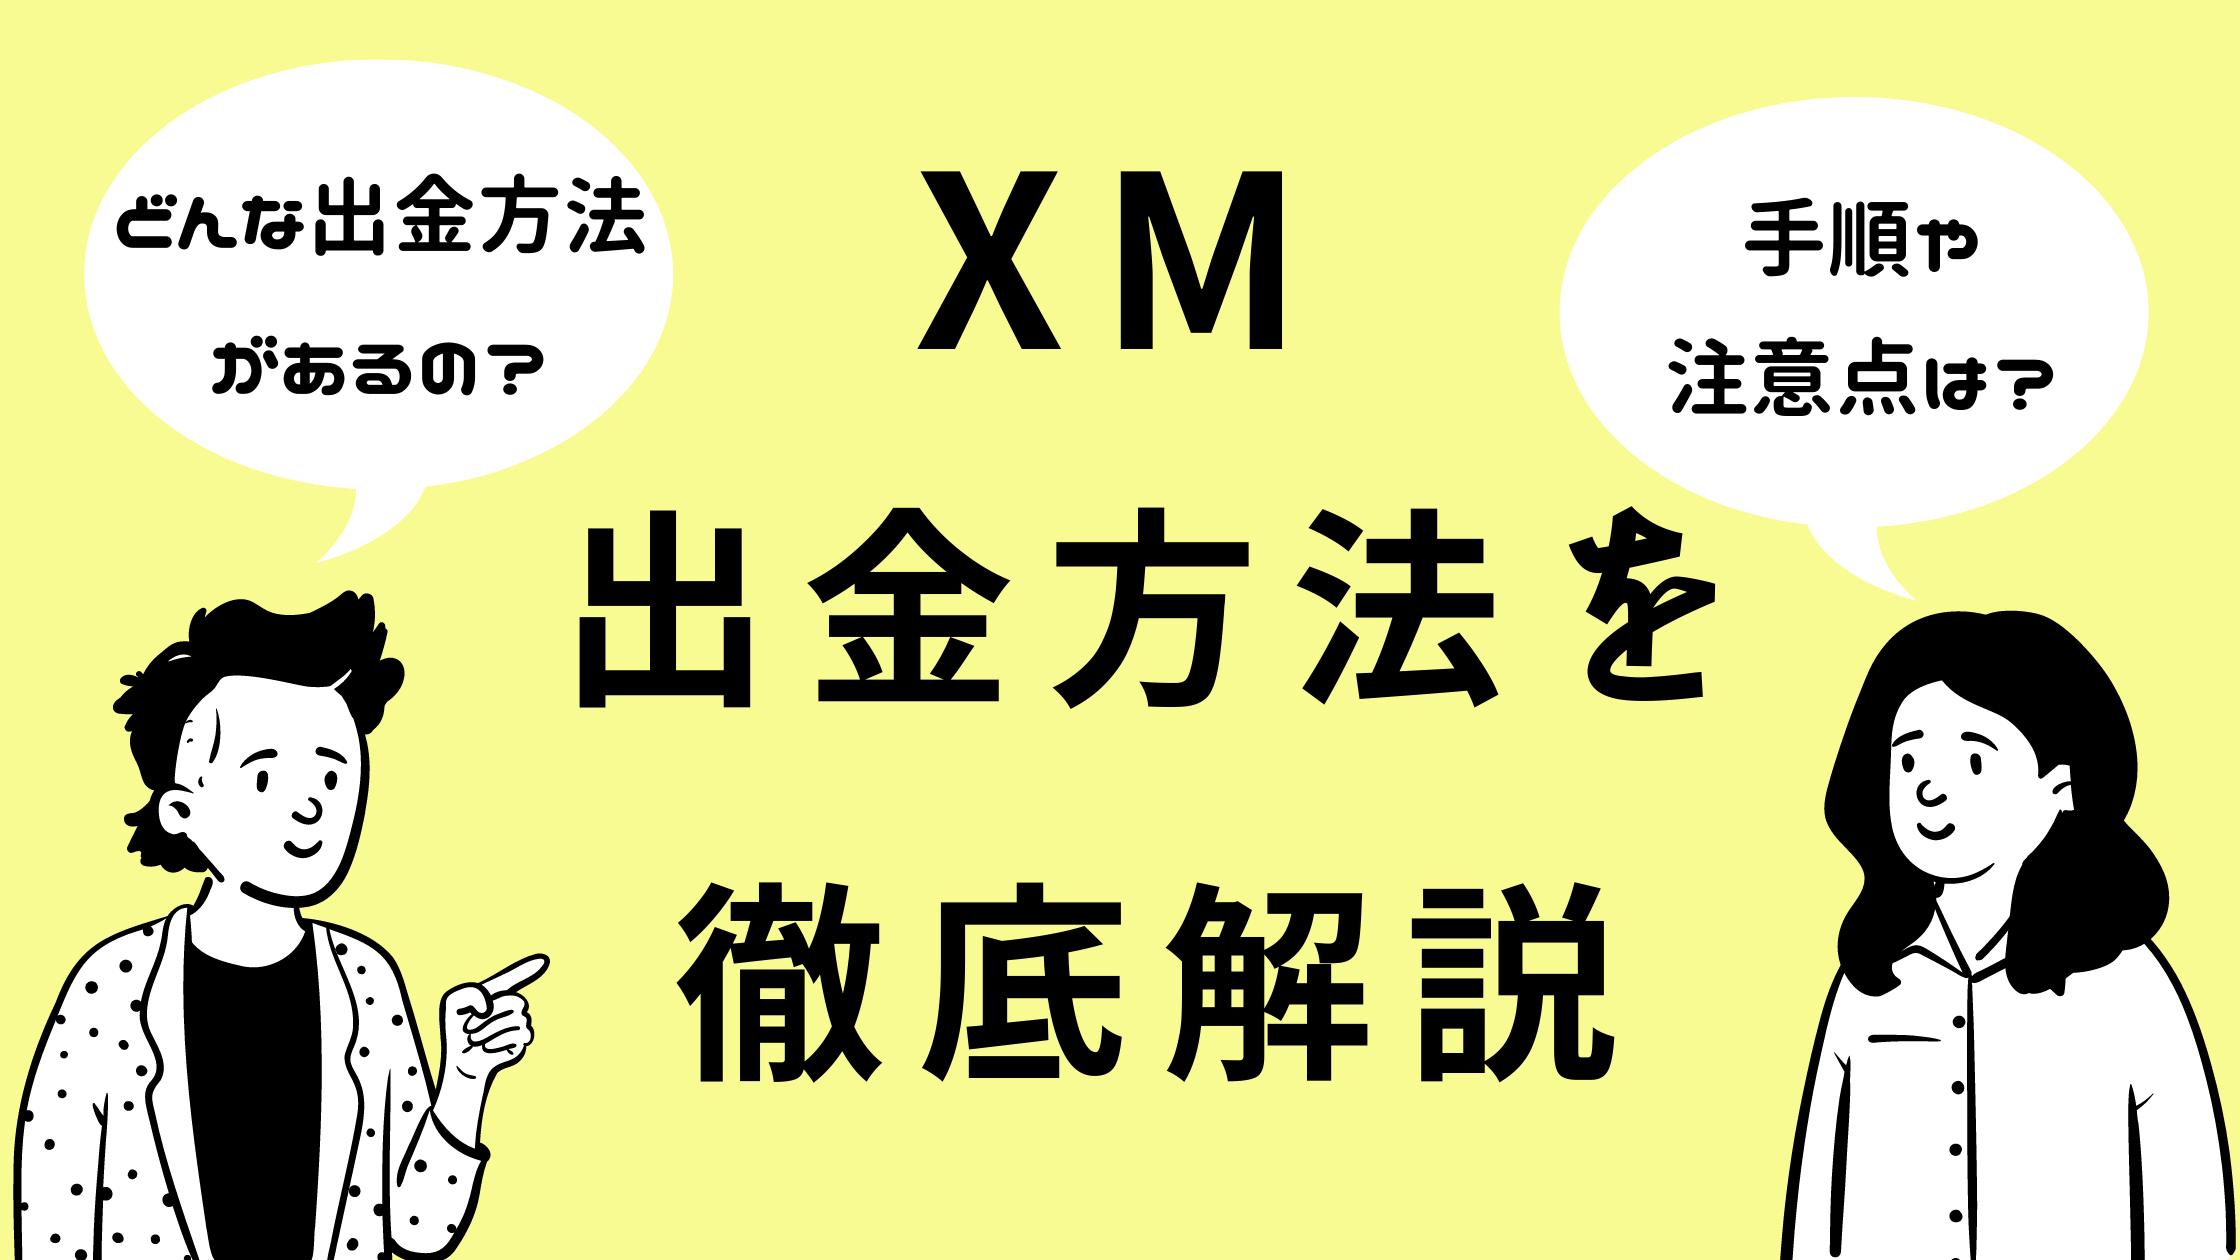 XM口座を削除できない?リアル・デモ口座の解約方法と注意点を解説